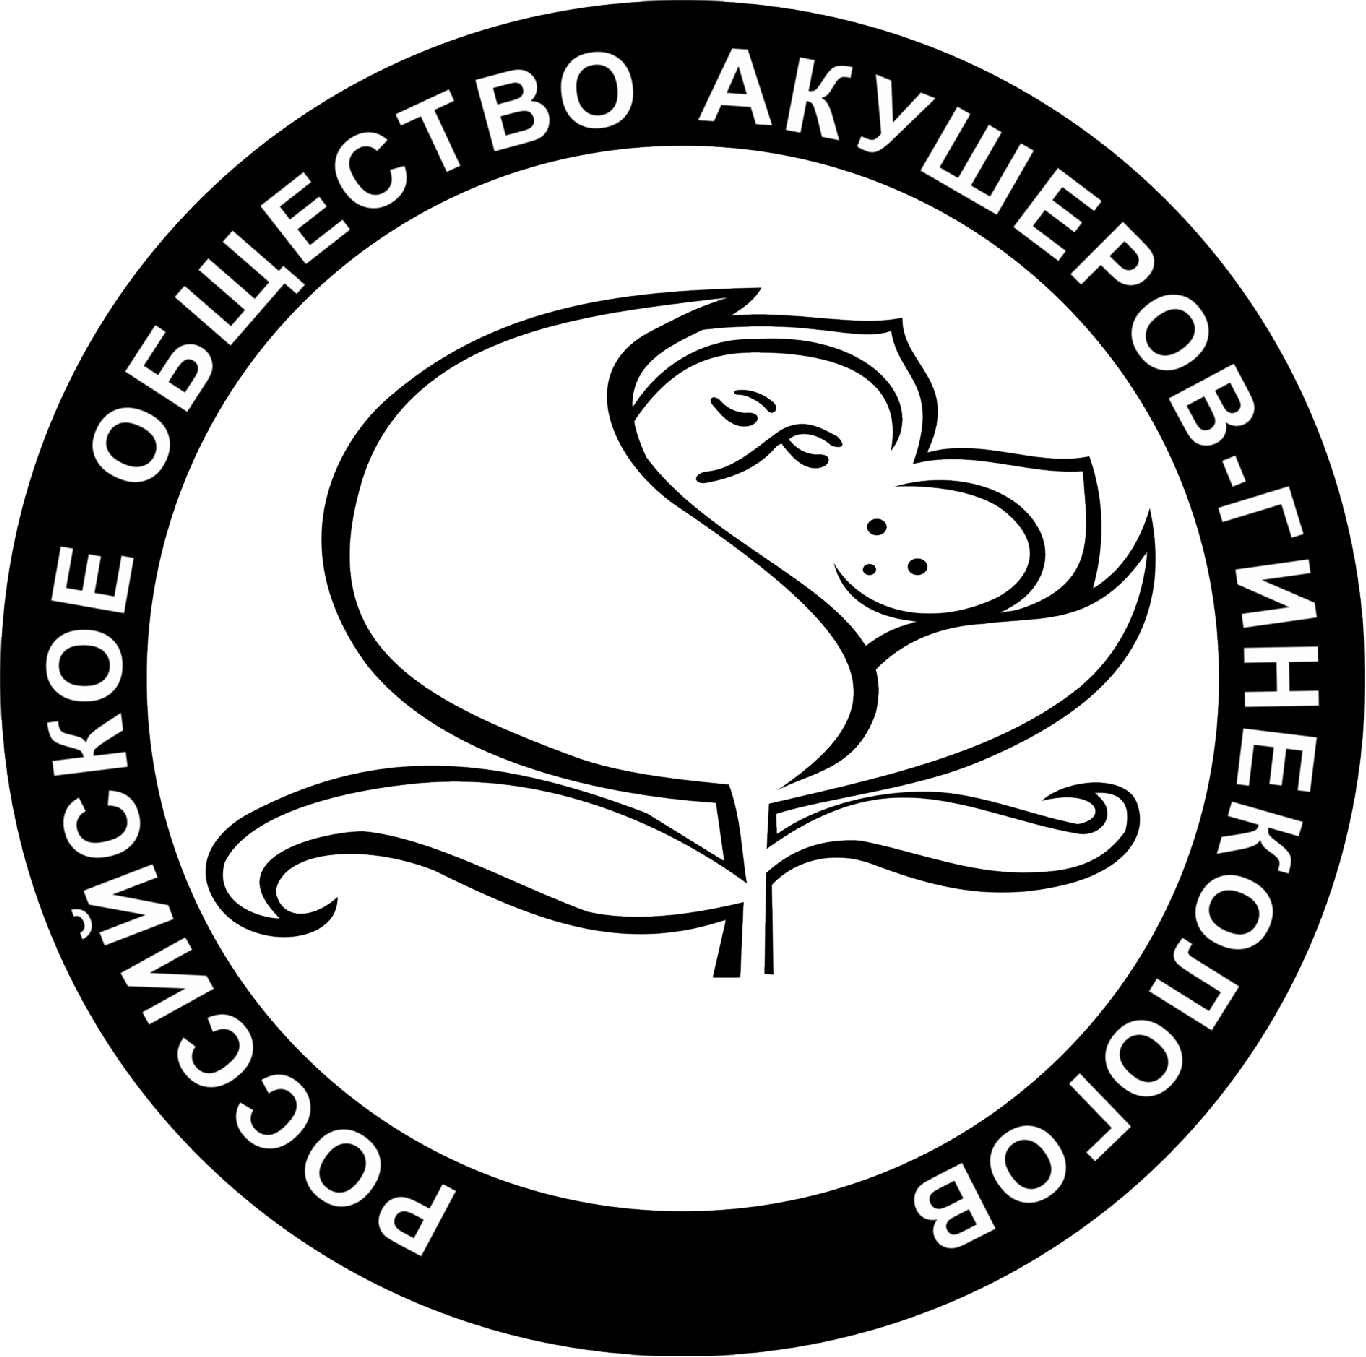 НАУЧНО-ПРАКТИЧЕСКАЯ КОНФЕРЕНЦИЯ РОАГ «ЖЕНСКОЕ ЗДОРОВЬЕ: СОВРЕМЕННЫЕ ПОДХОДЫ В ТЕРАПИИ» Г. МОСКВА